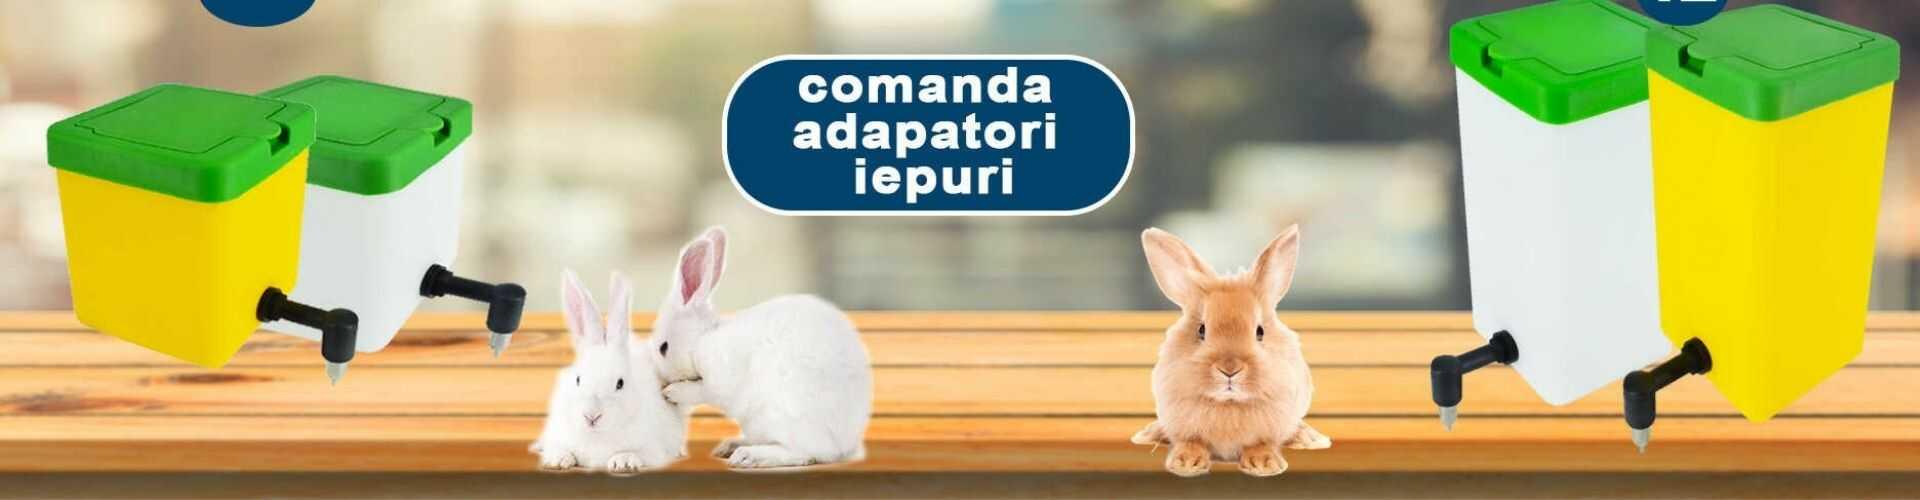 Adapatori pentru iepuri